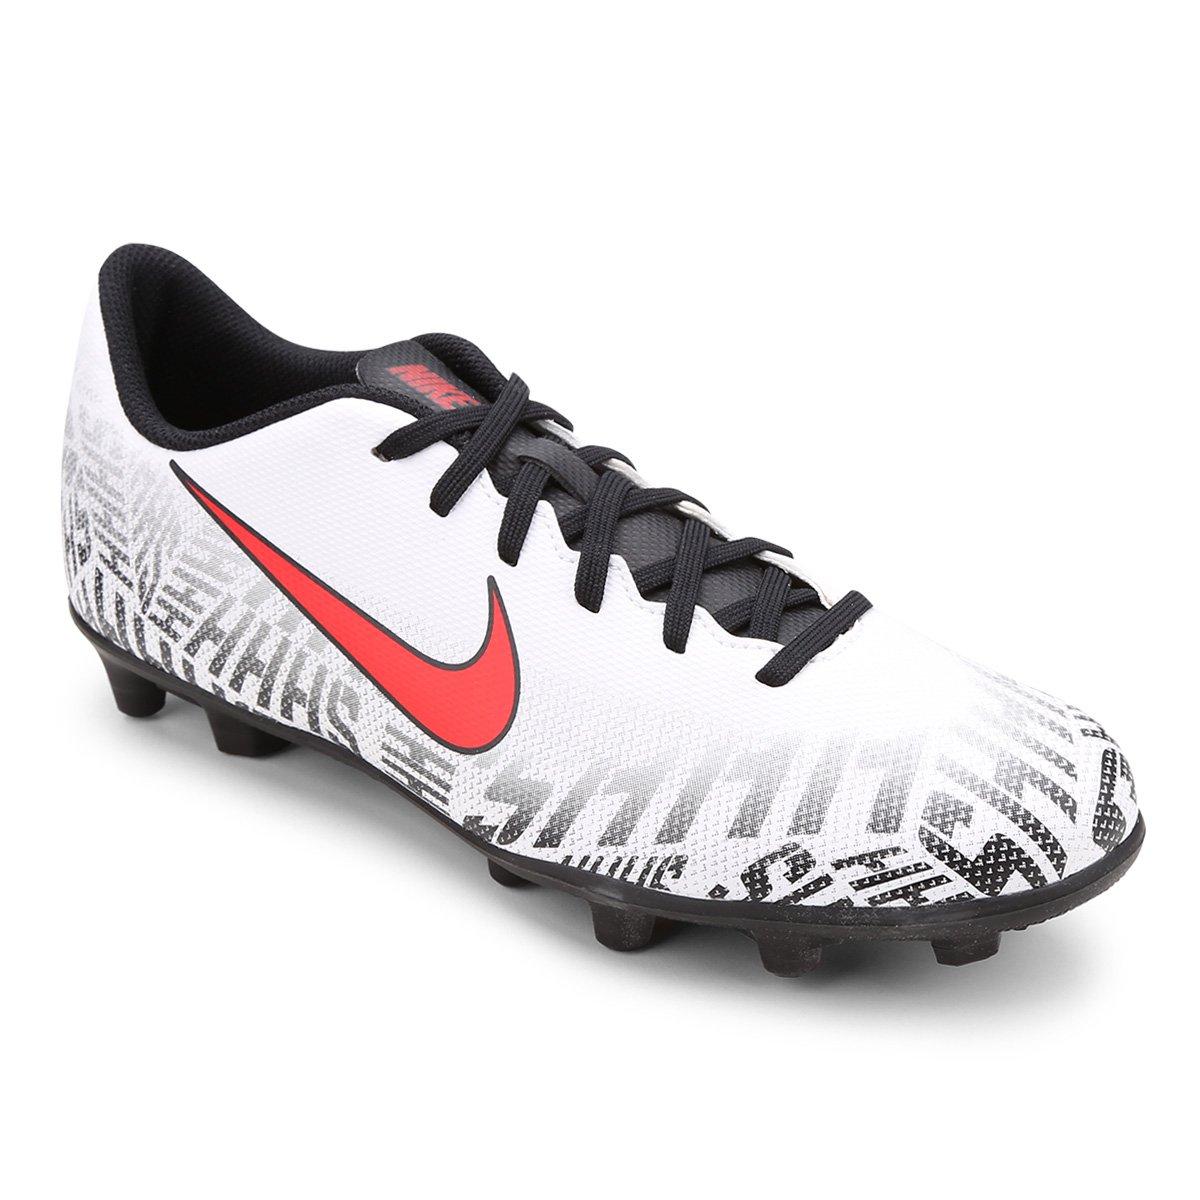 fa1eb10b3b Chuteira Campo Nike Mercurial Vapor 12 Club Neymar Jr FG - Branco e  Vermelho